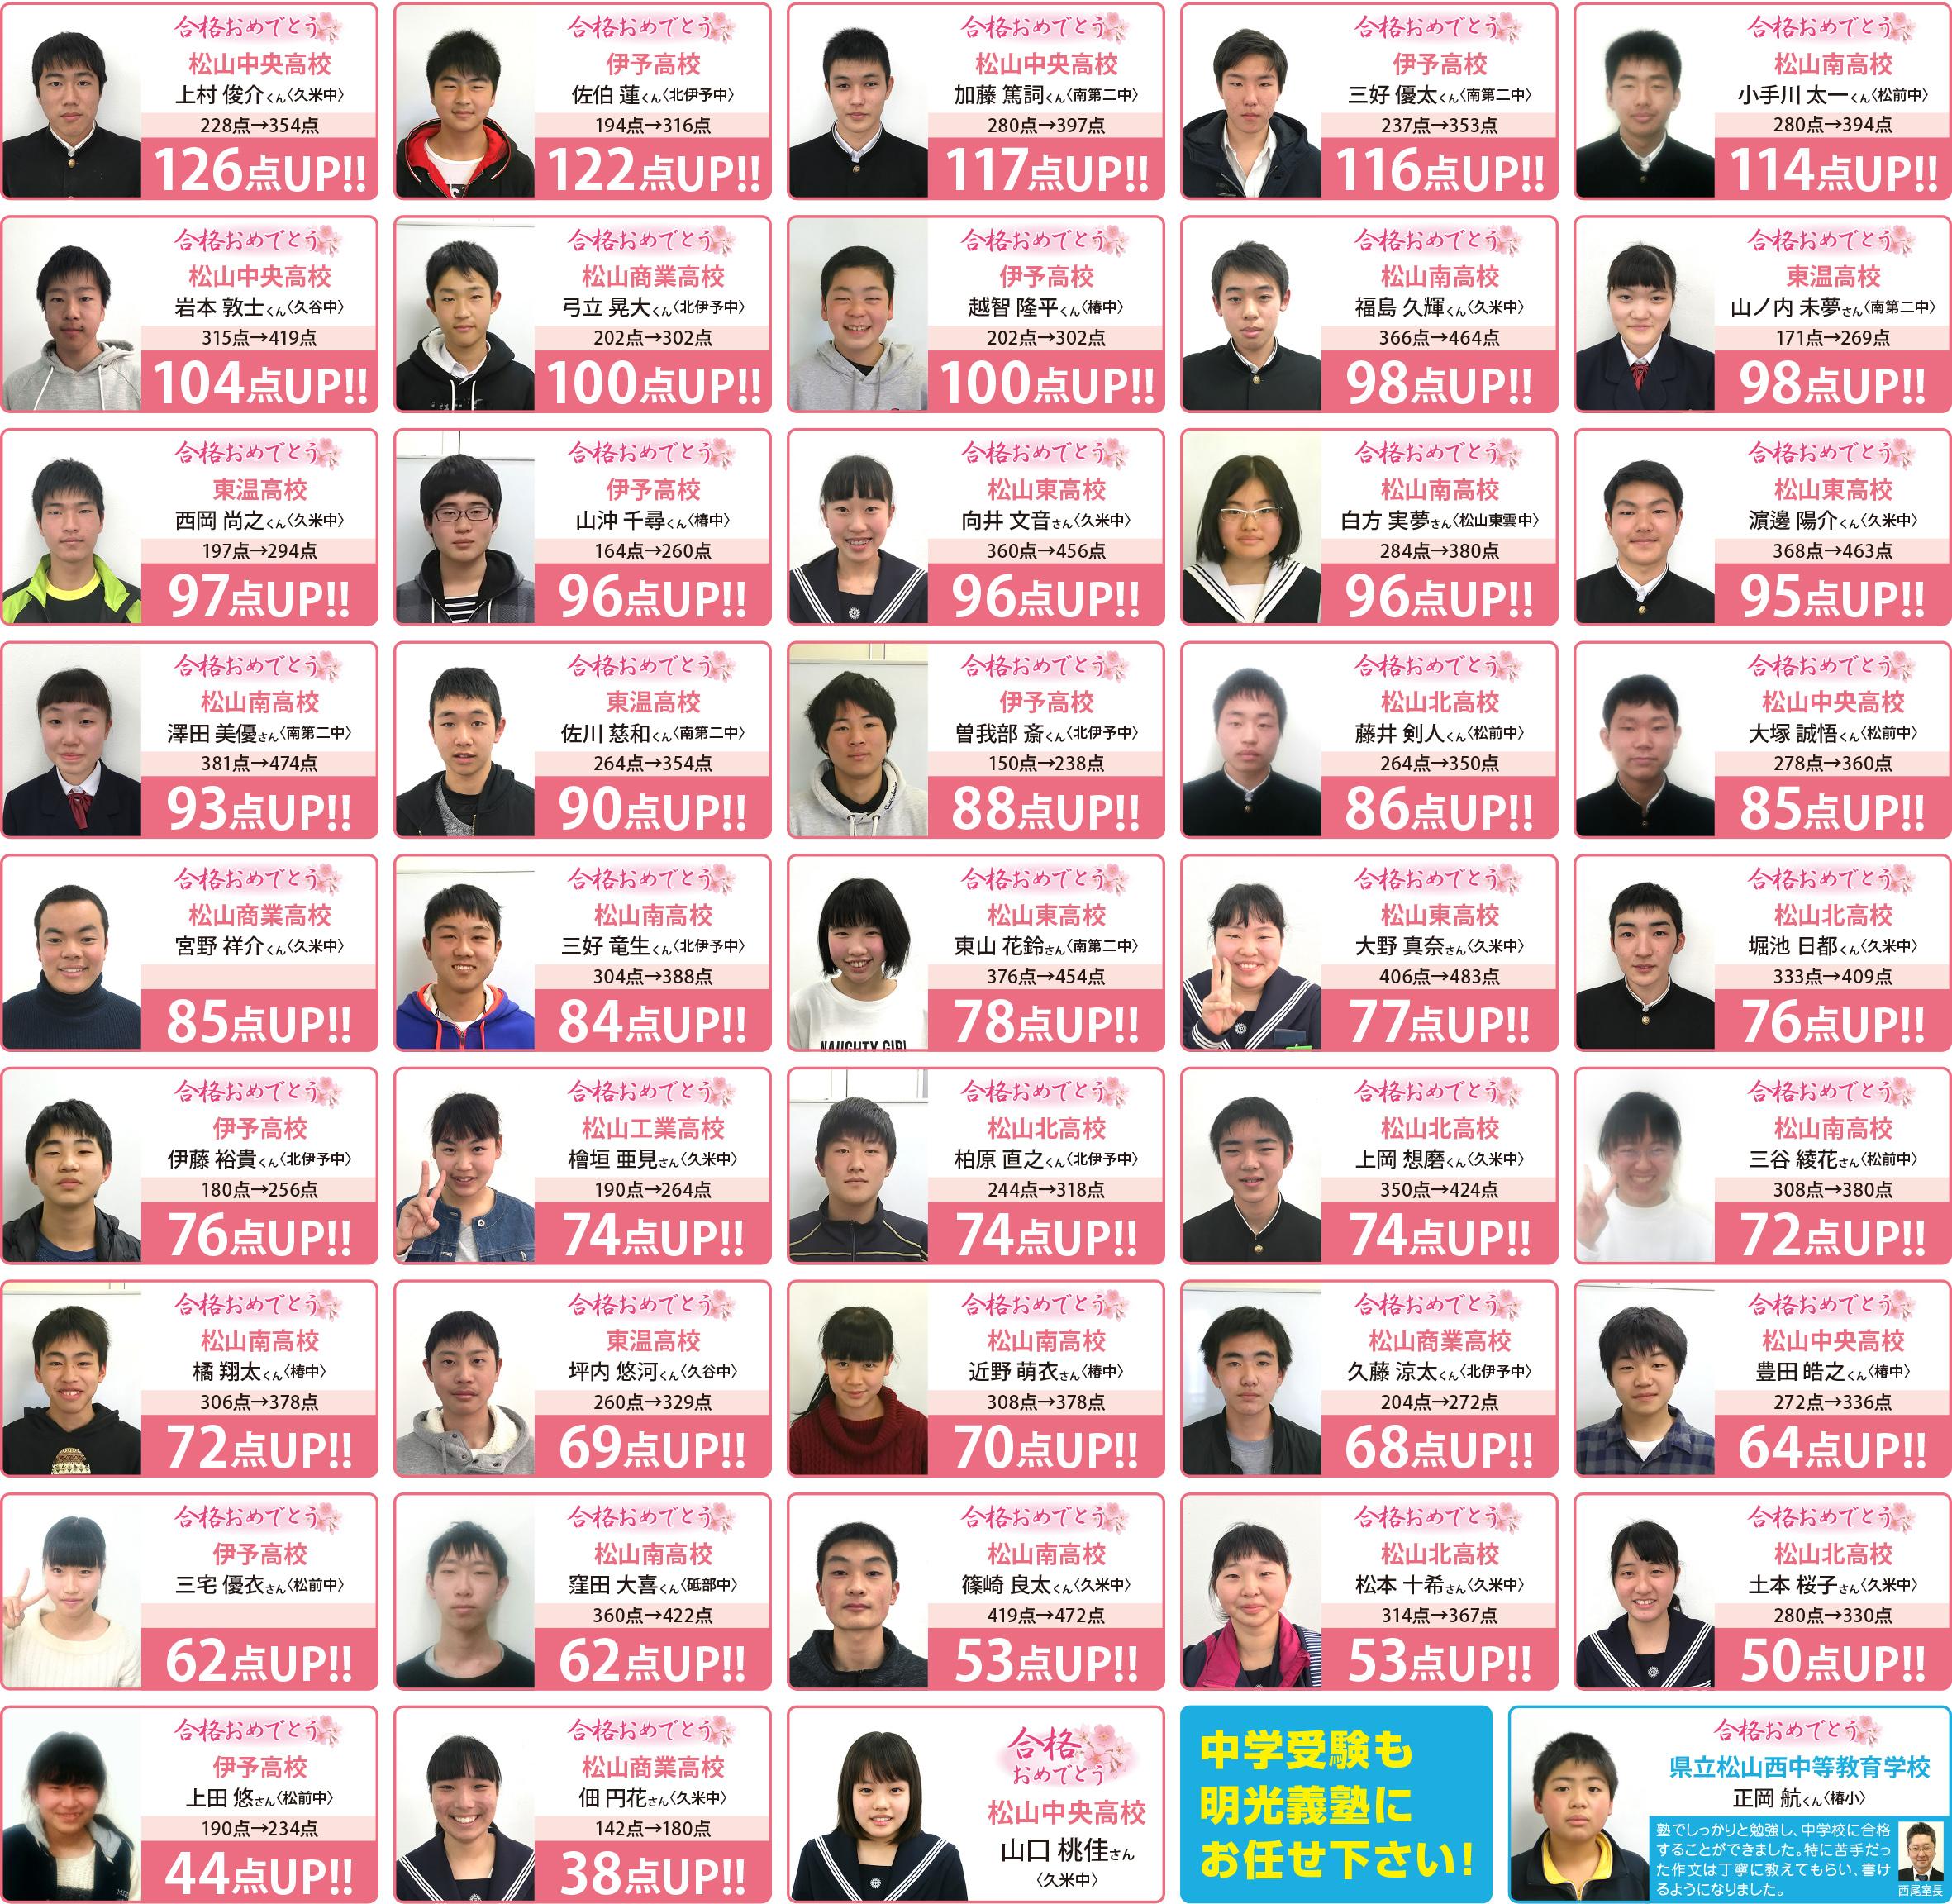 平成29年度 愛媛県 高校合格者